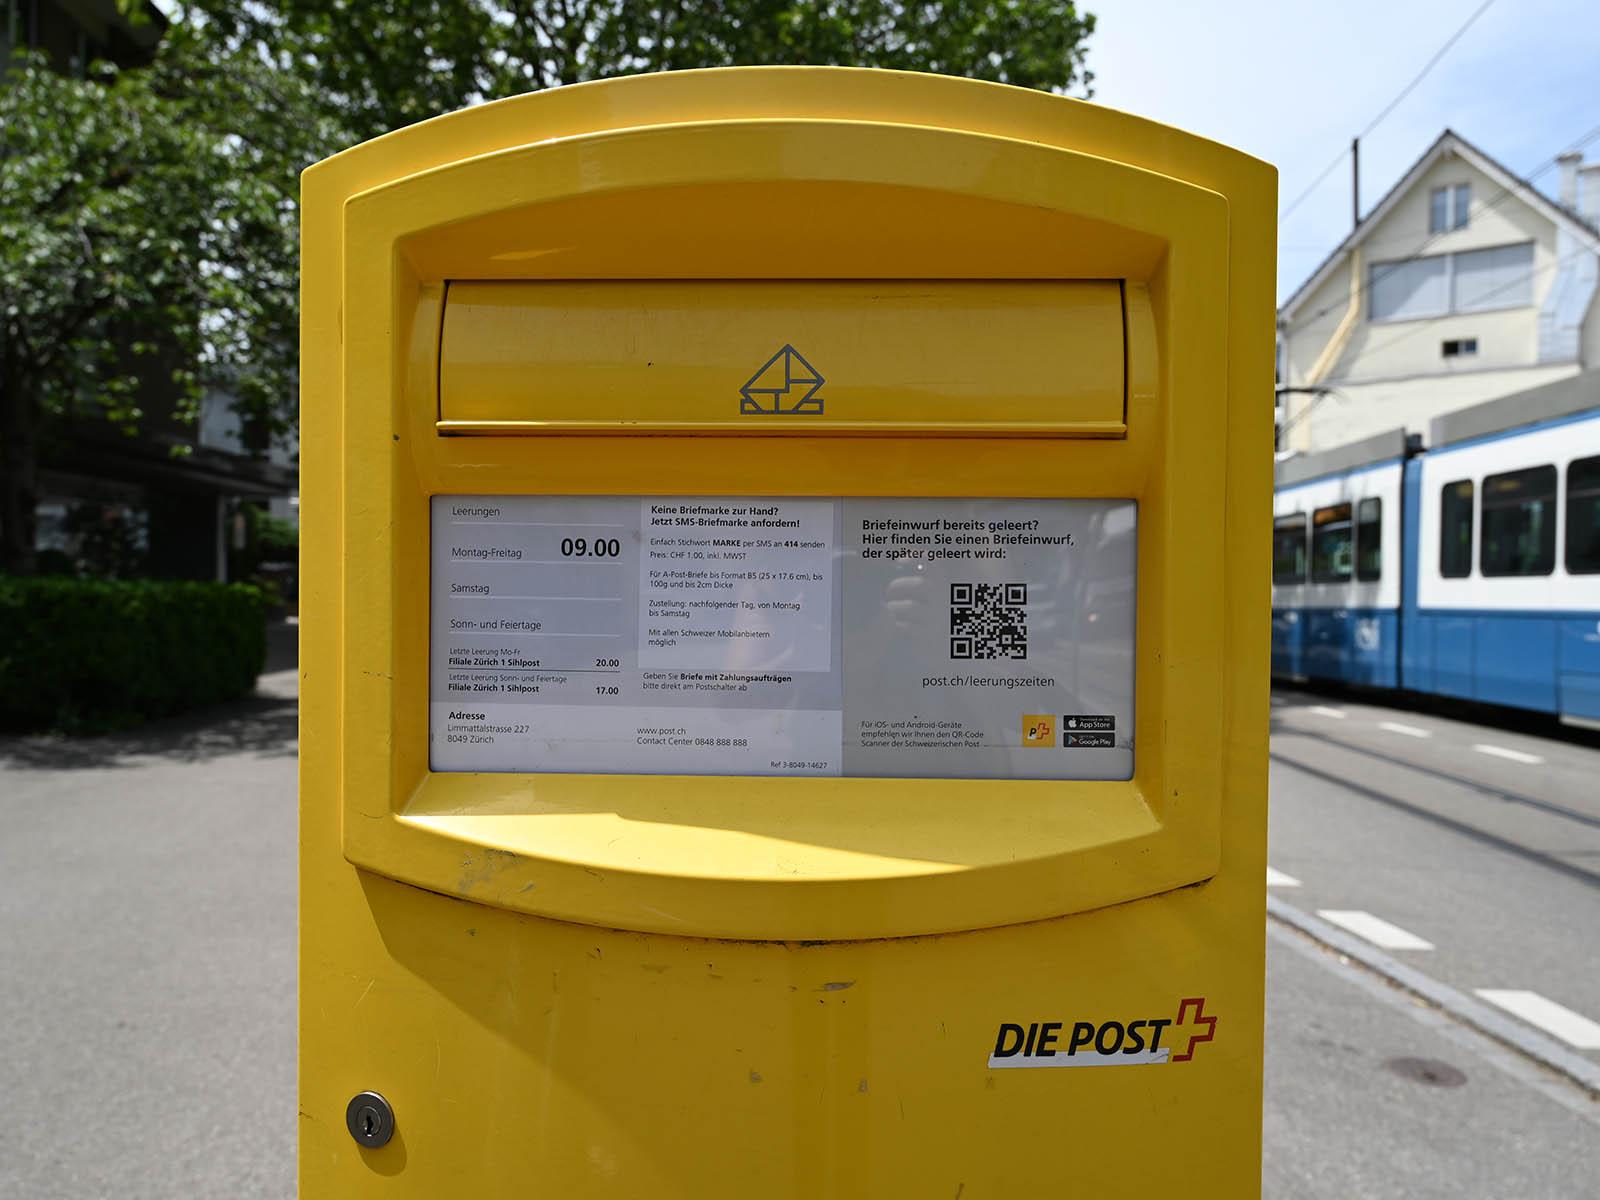 Wer seinen Brief noch am selben Tag auf den Weg schicken will, muss entweder früh raus oder weiter laufen.